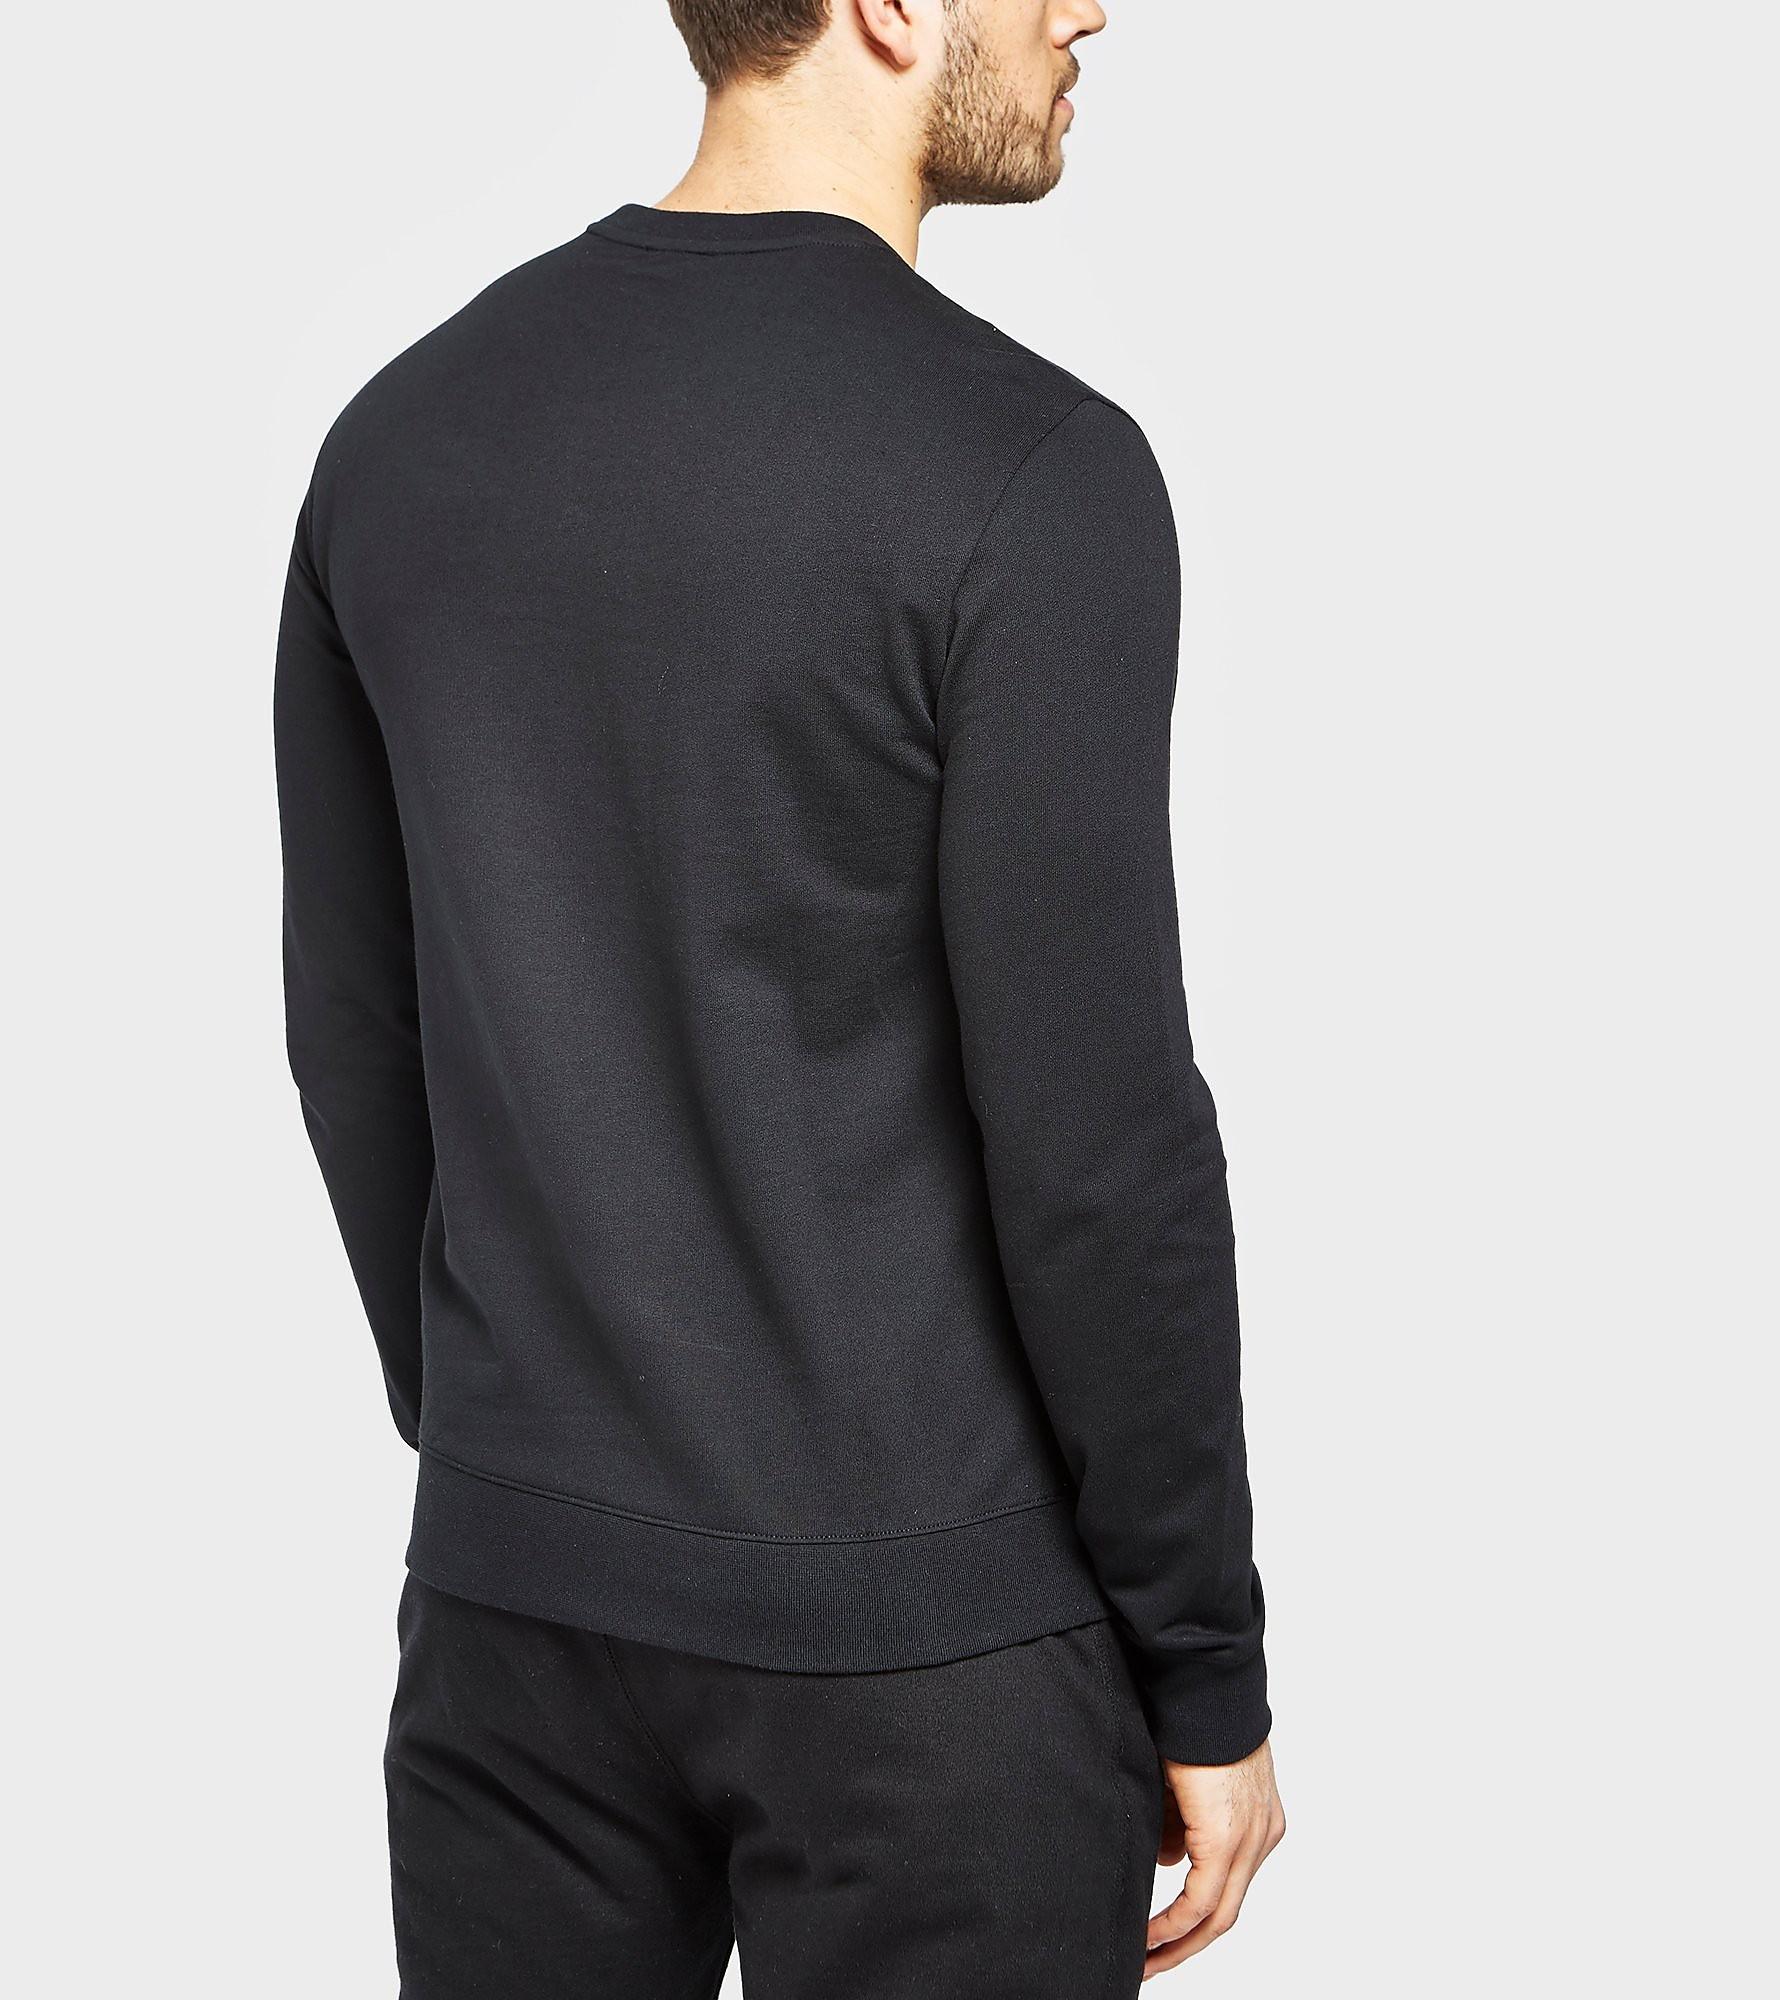 Emporio Armani EA7 Crew Neck Sweatshirt